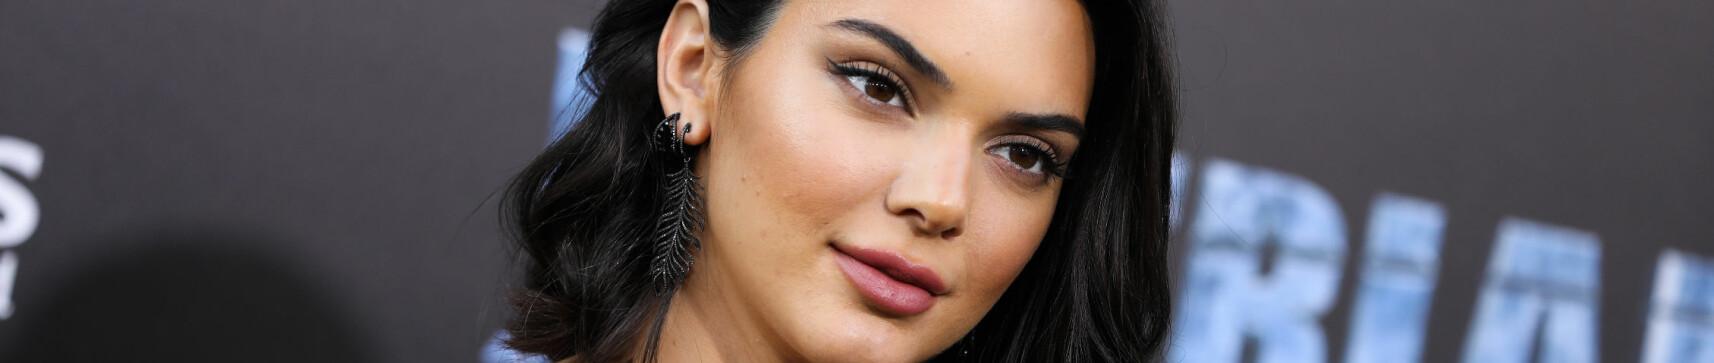 ETTERTRAKTET: Kendall Jenner har med årene blitt en av verdens mest profilerte modeller. FOTO: Scanpix